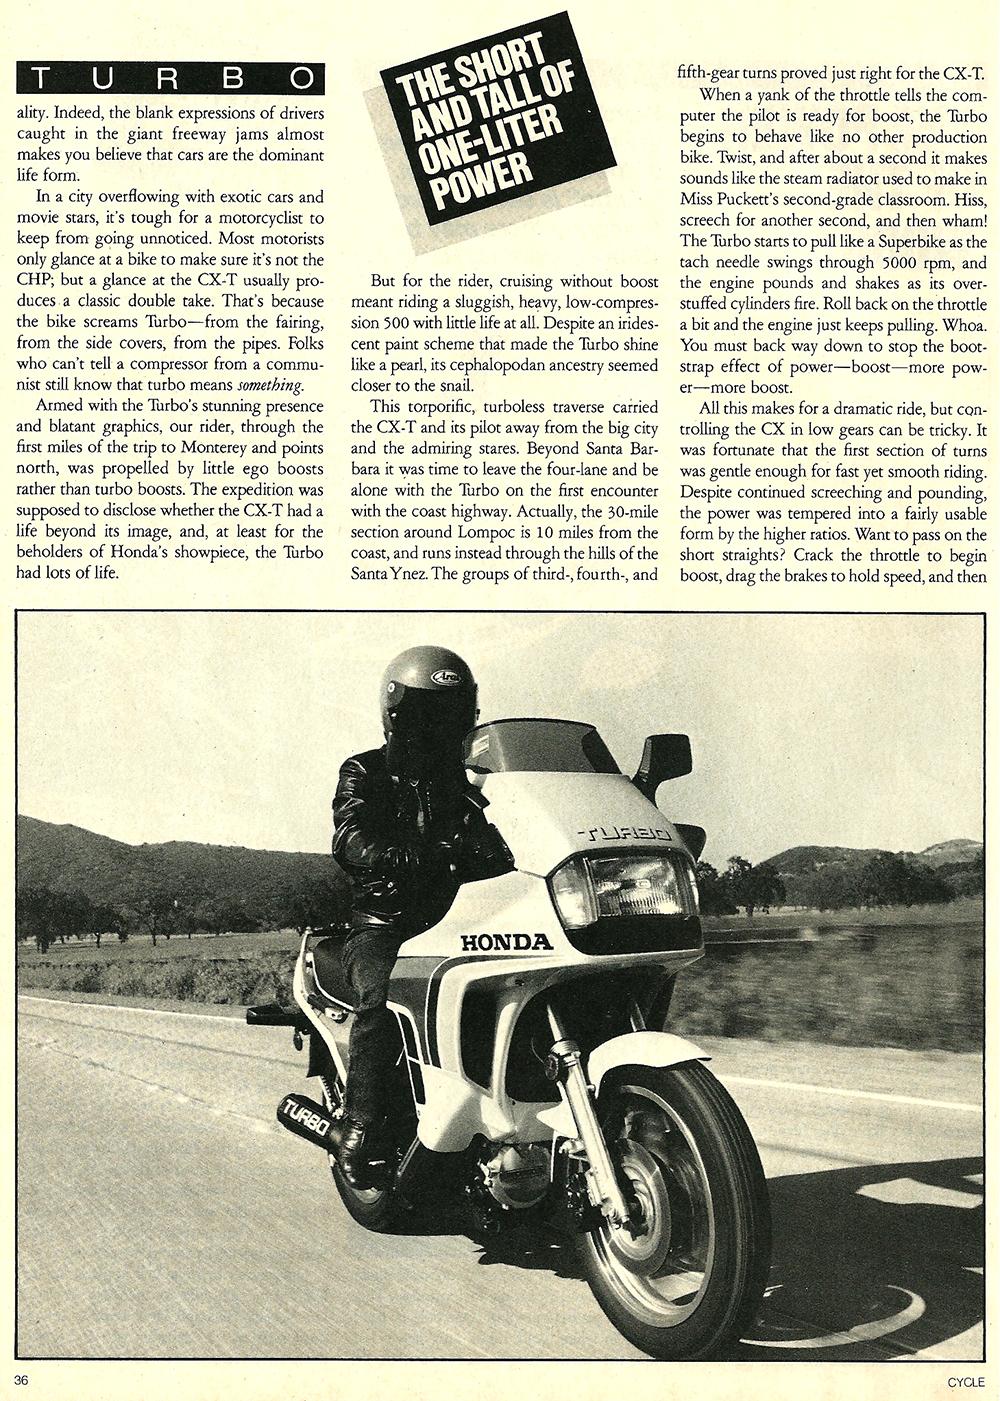 1982 Honda CBX vs CX 500 Turbo road test 06.jpg